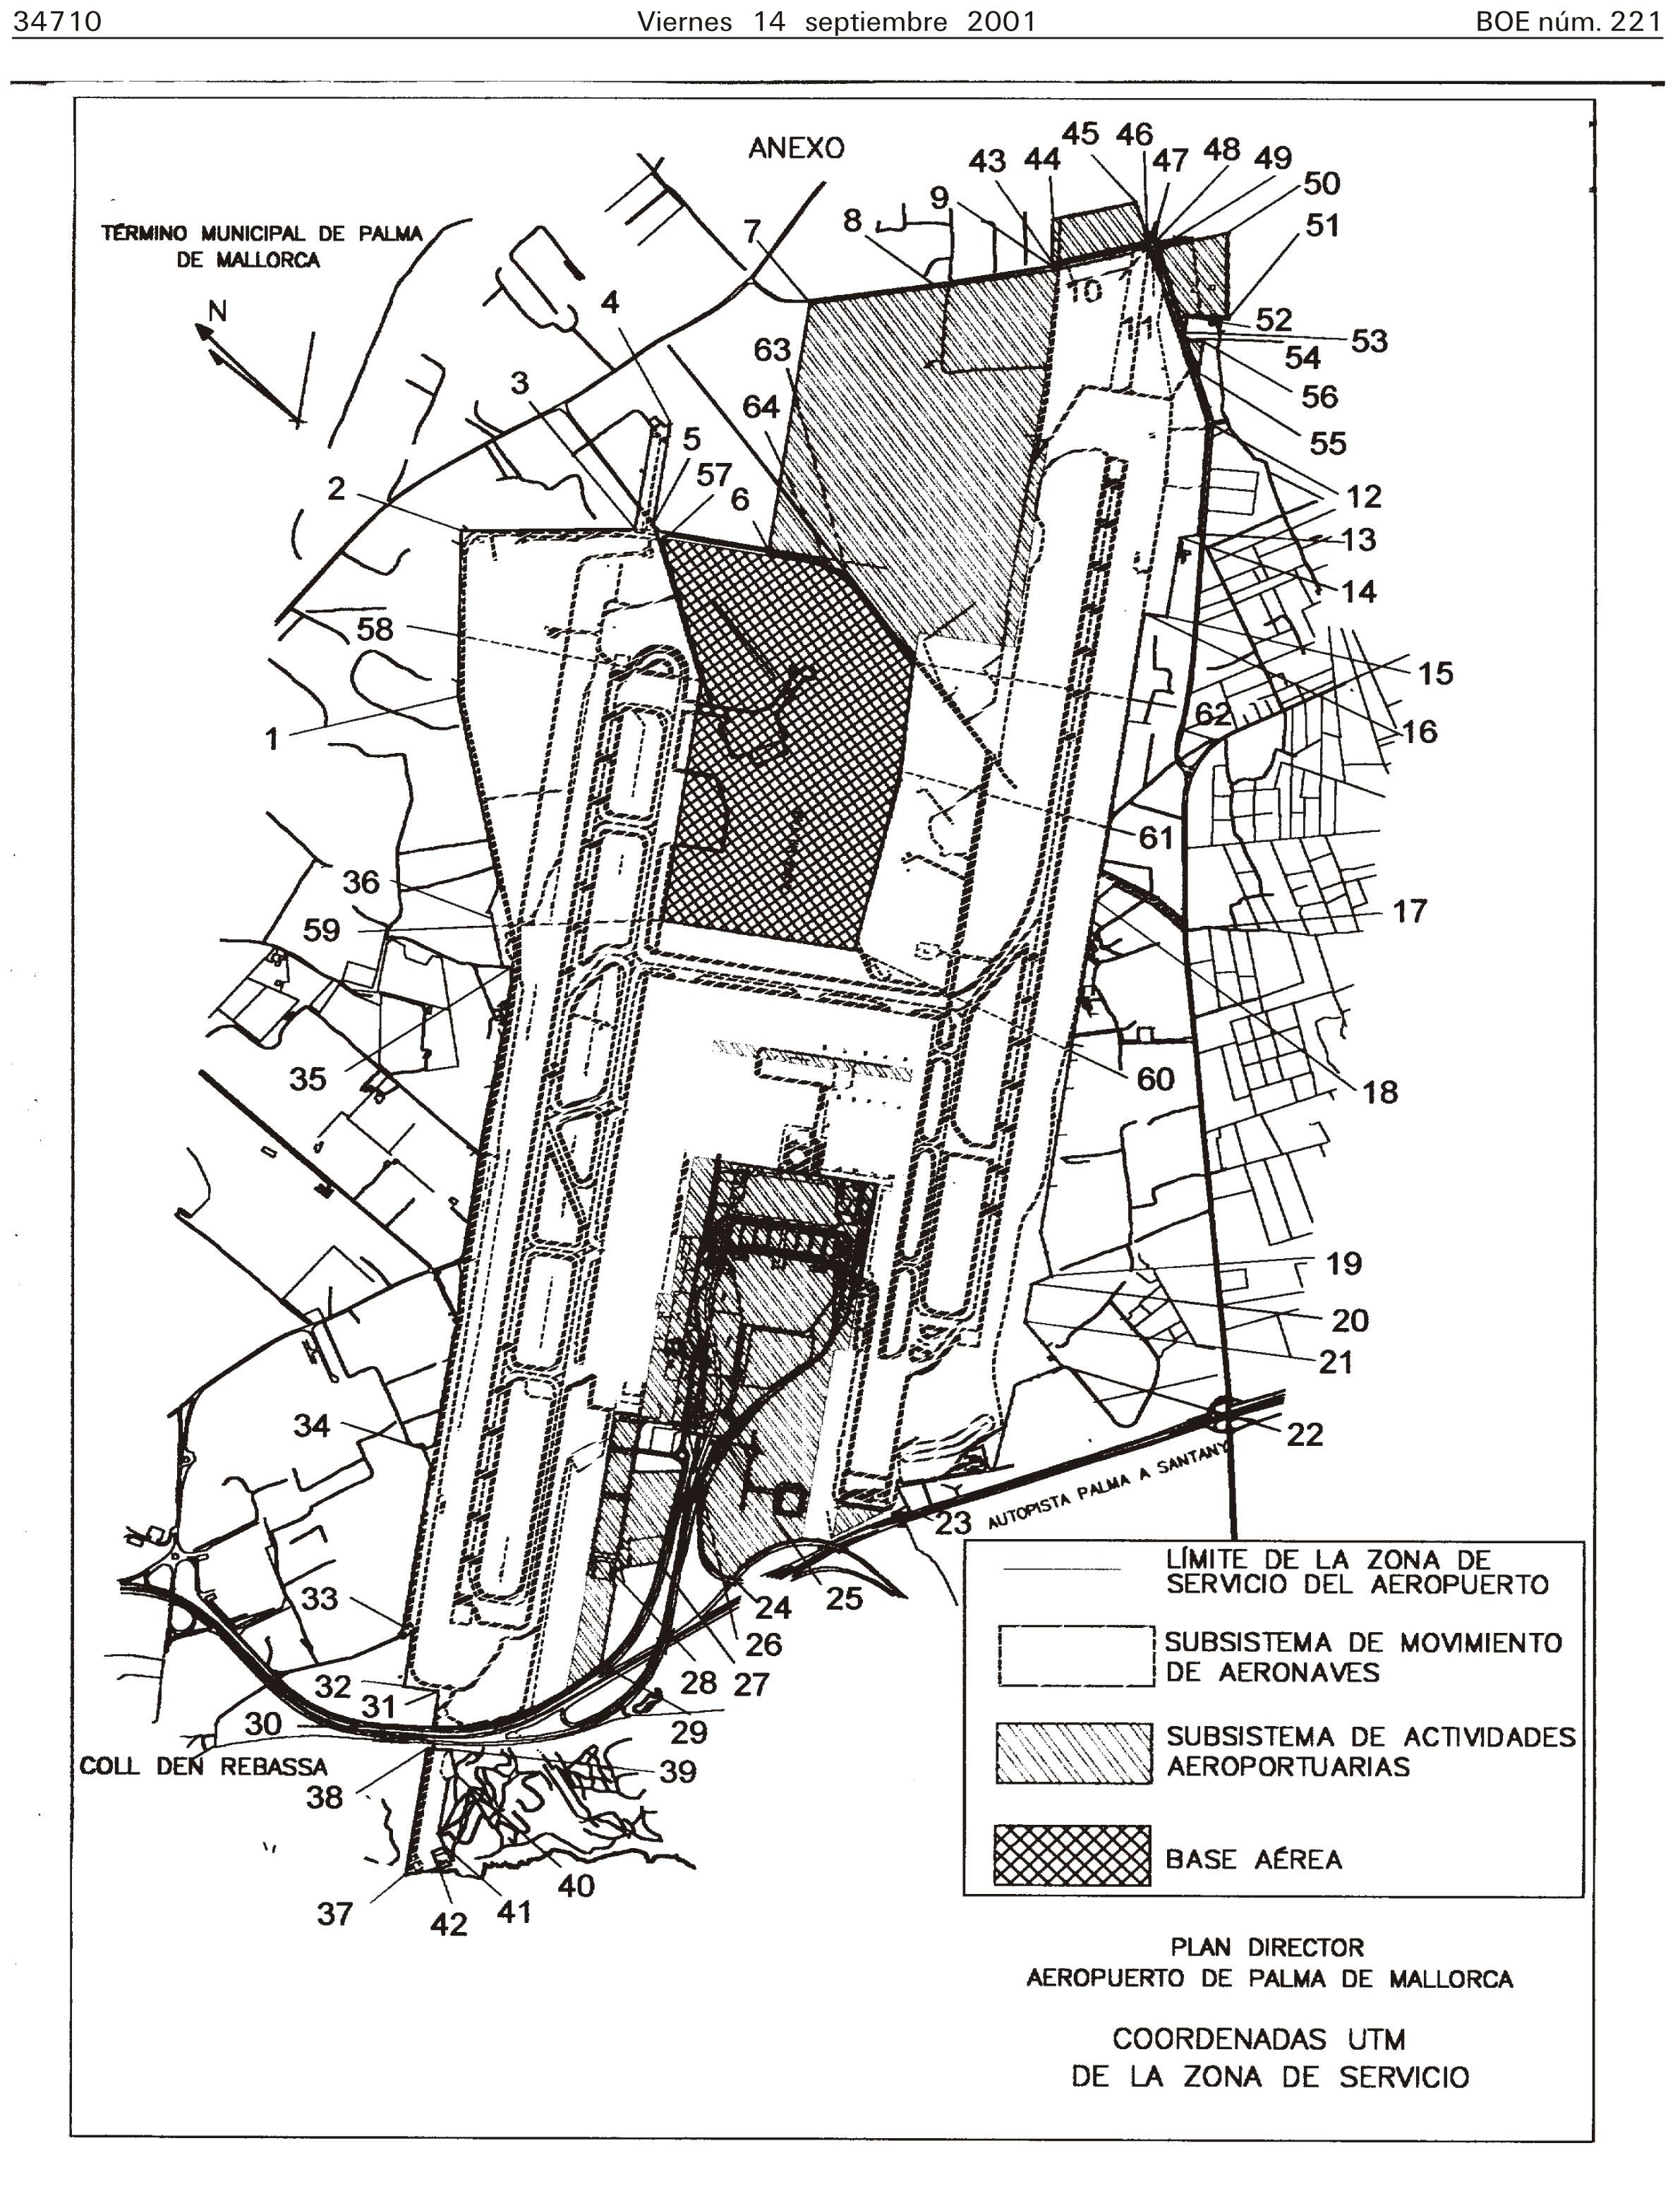 Palma de Mallorca Airport 2001